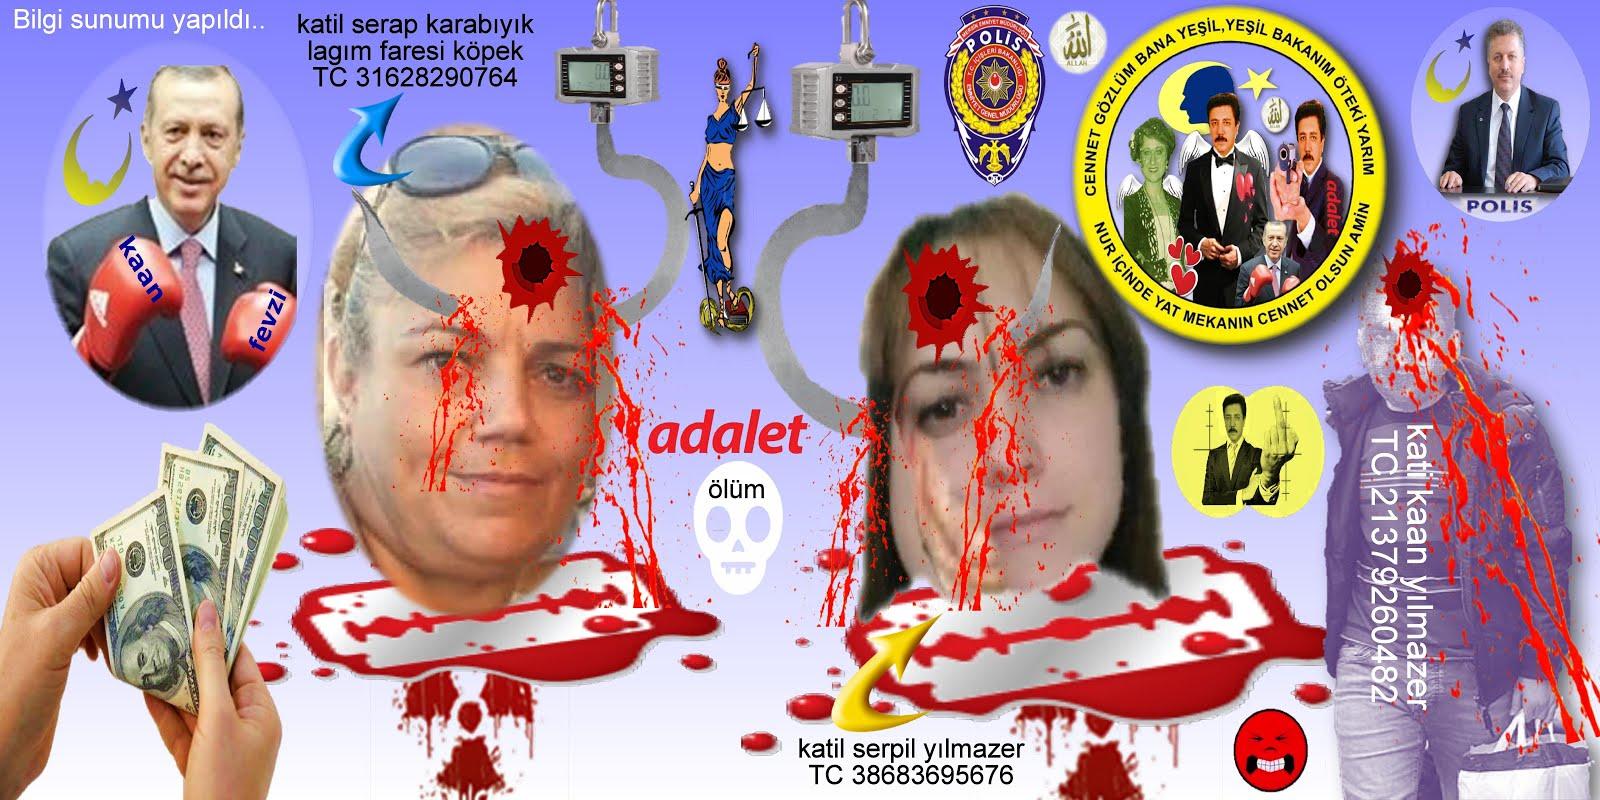 kanser hastalarının hayatı ile oyun oynayan kapkaççı,gaspçı dolandırıcı cani vicdansız katiller